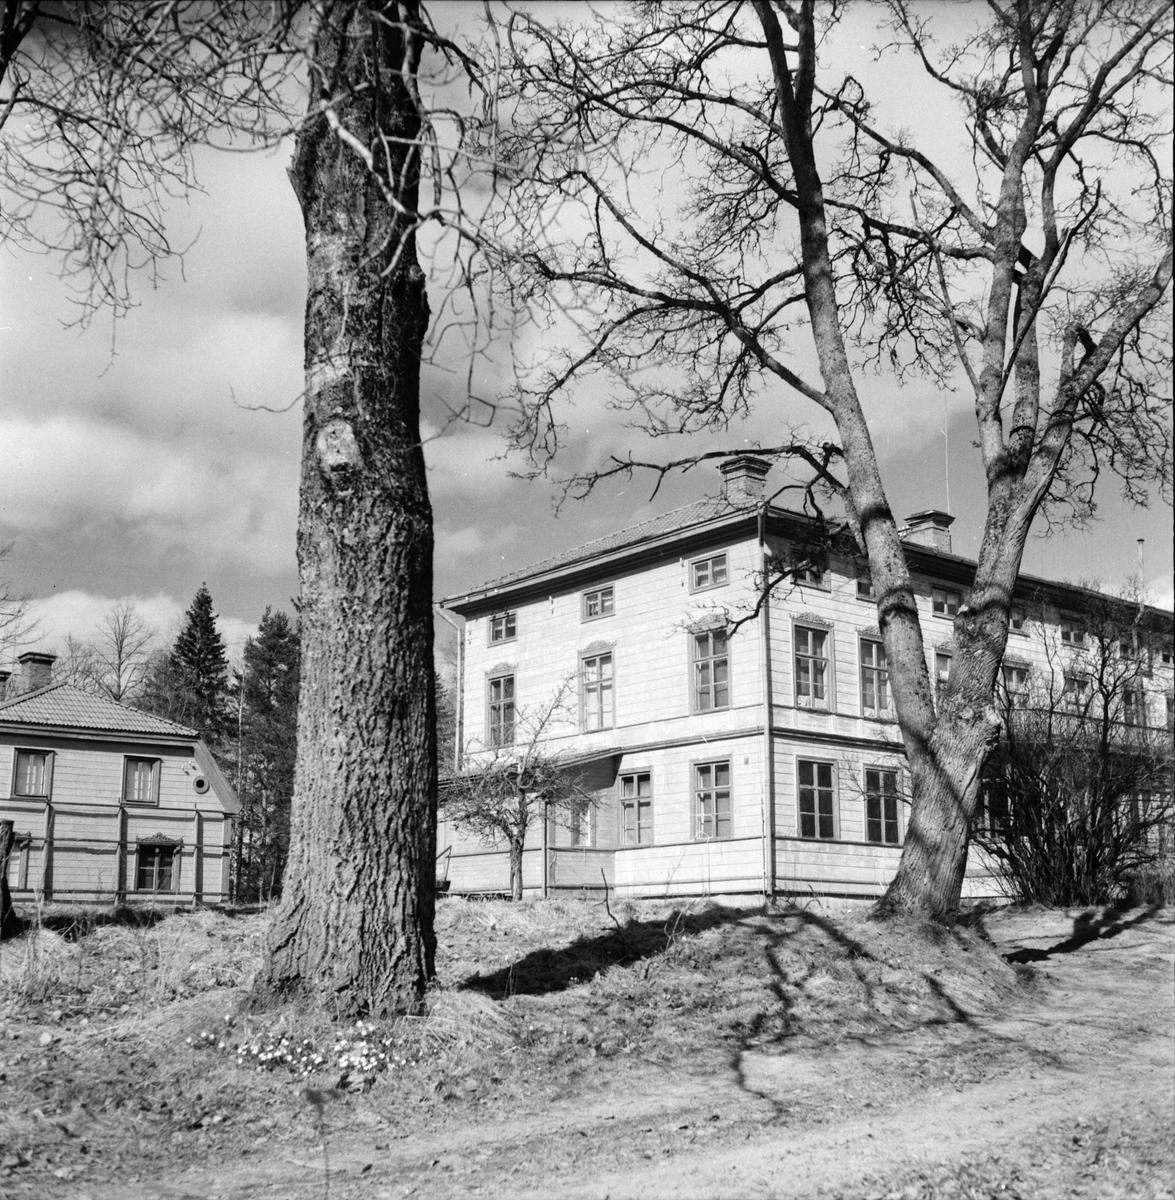 Hemstanäs, 18 April 1961